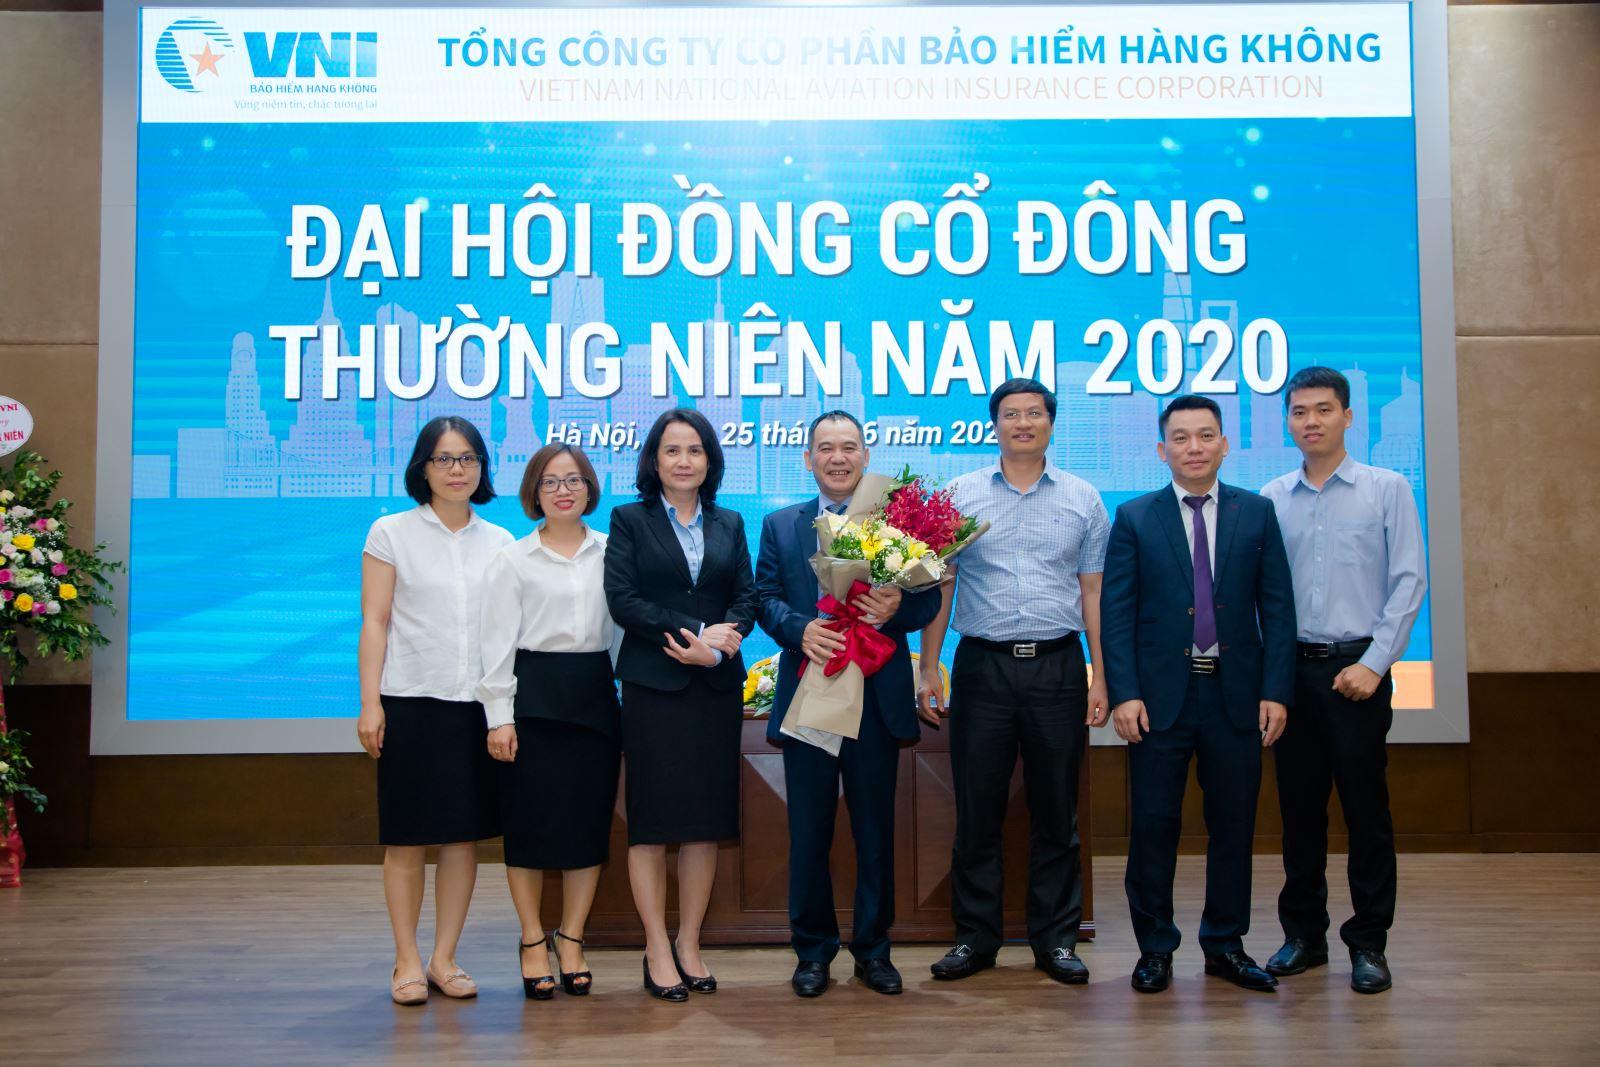 Đại hội đồng cổ đông thường niên 2020 VNI: Thông qua phương án tăng vốn điều lệ lên 1.000 tỷ đồng